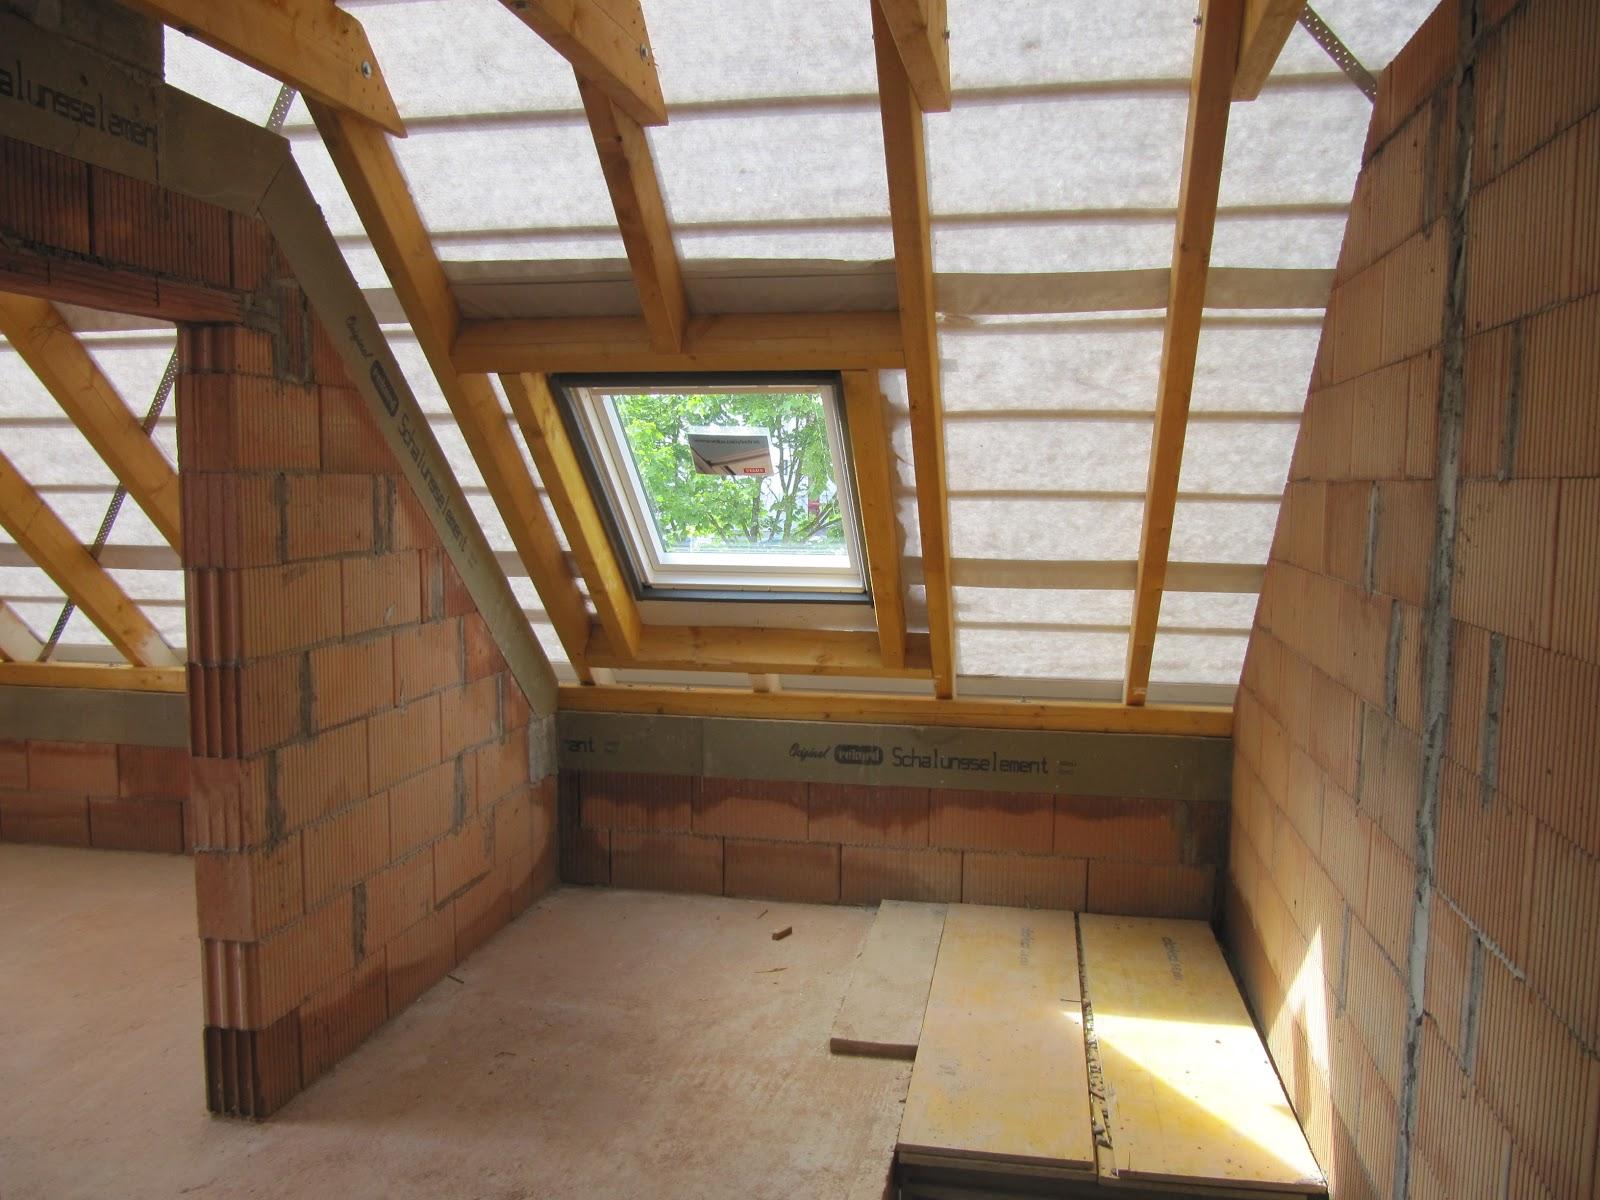 Projekt schnitzelbude dach geschlossen und for Kleines dachfenster